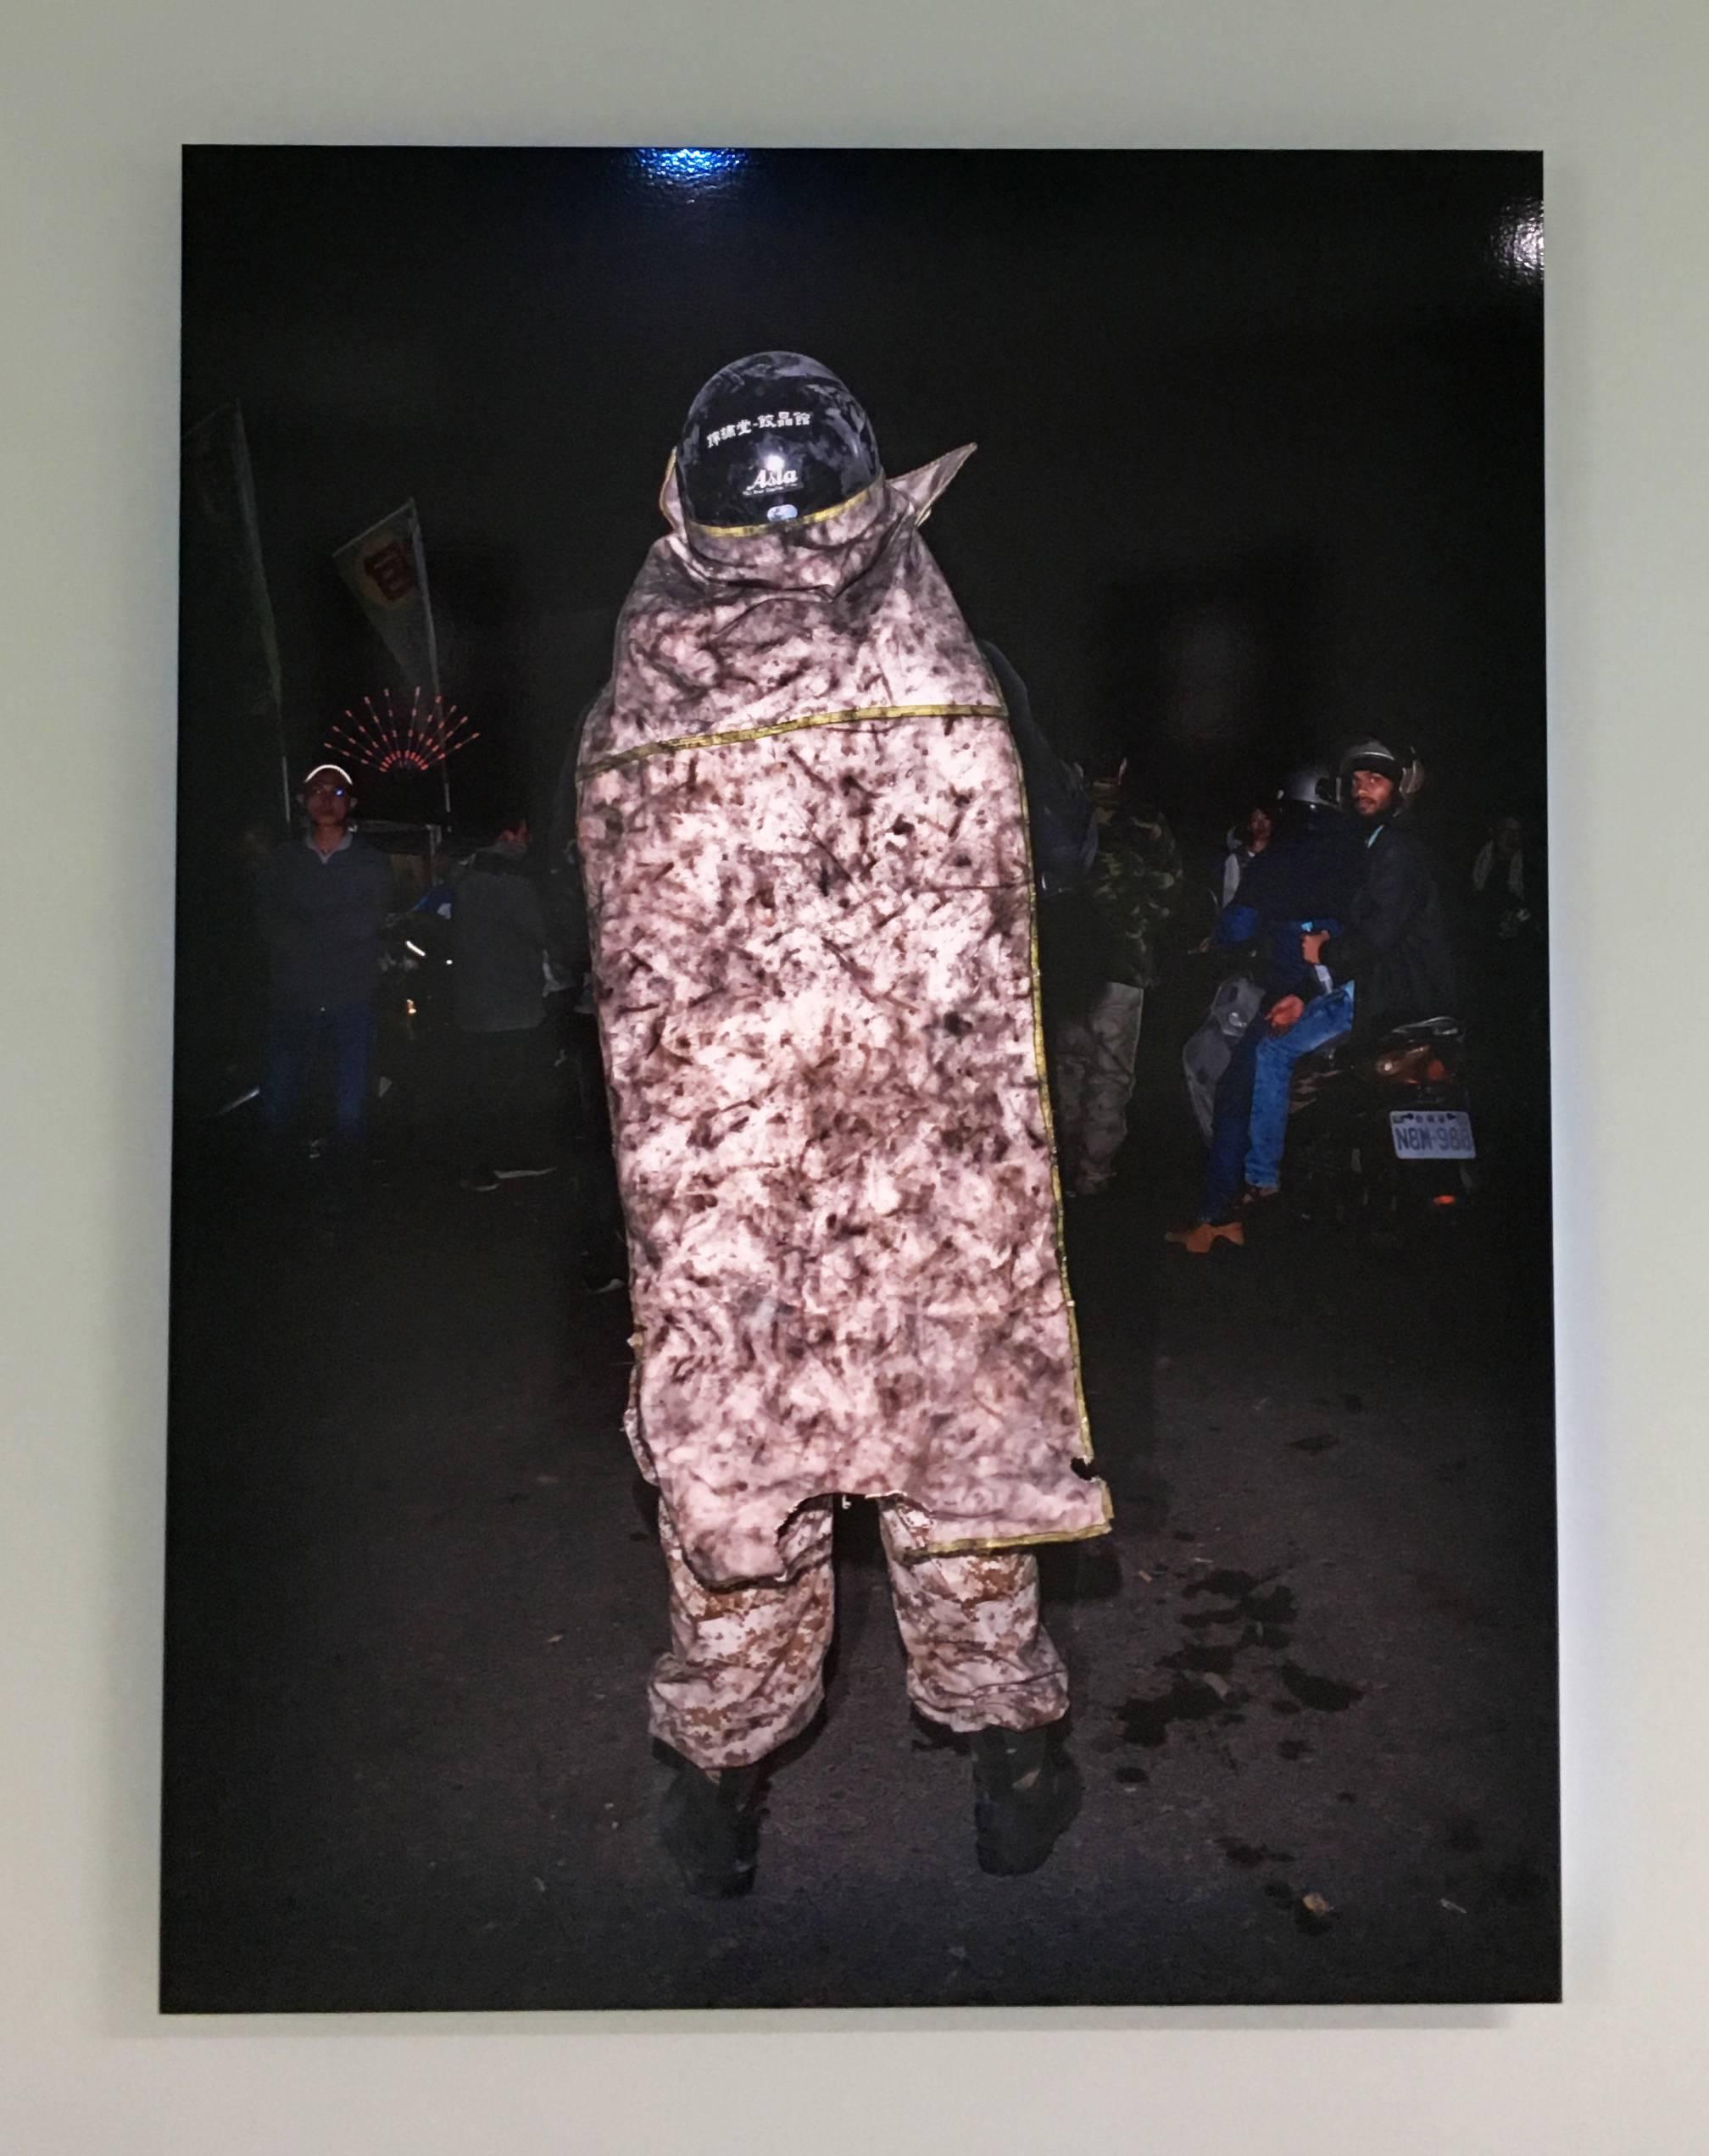 陳伯義,《食砲人 - XIV》,75 x 100 cm,雷射輸出彩色銀鹽相紙,1/8,2018。